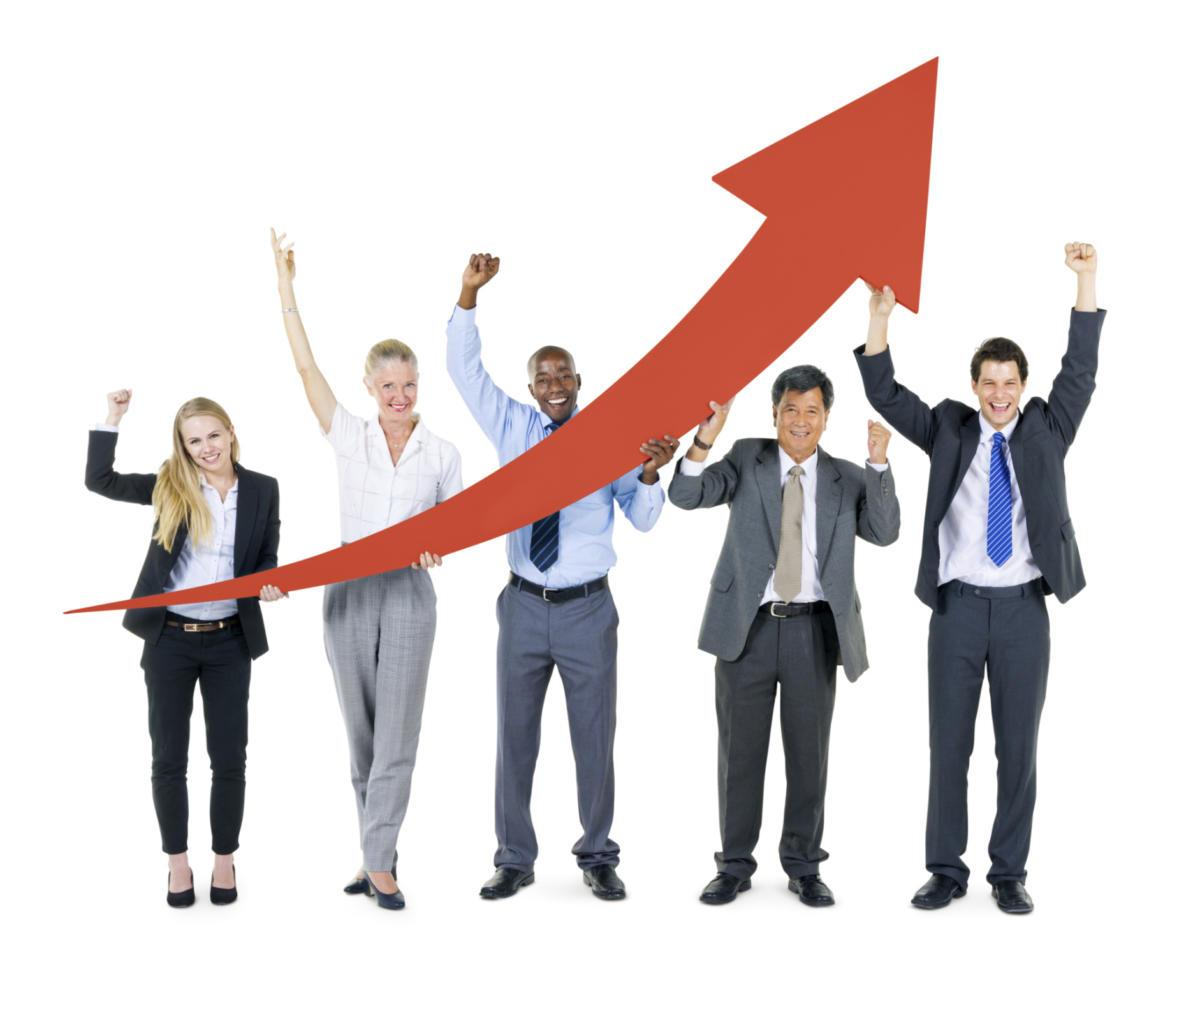 مناسبترین افراد برای شغل فروش پیدا می کنند.